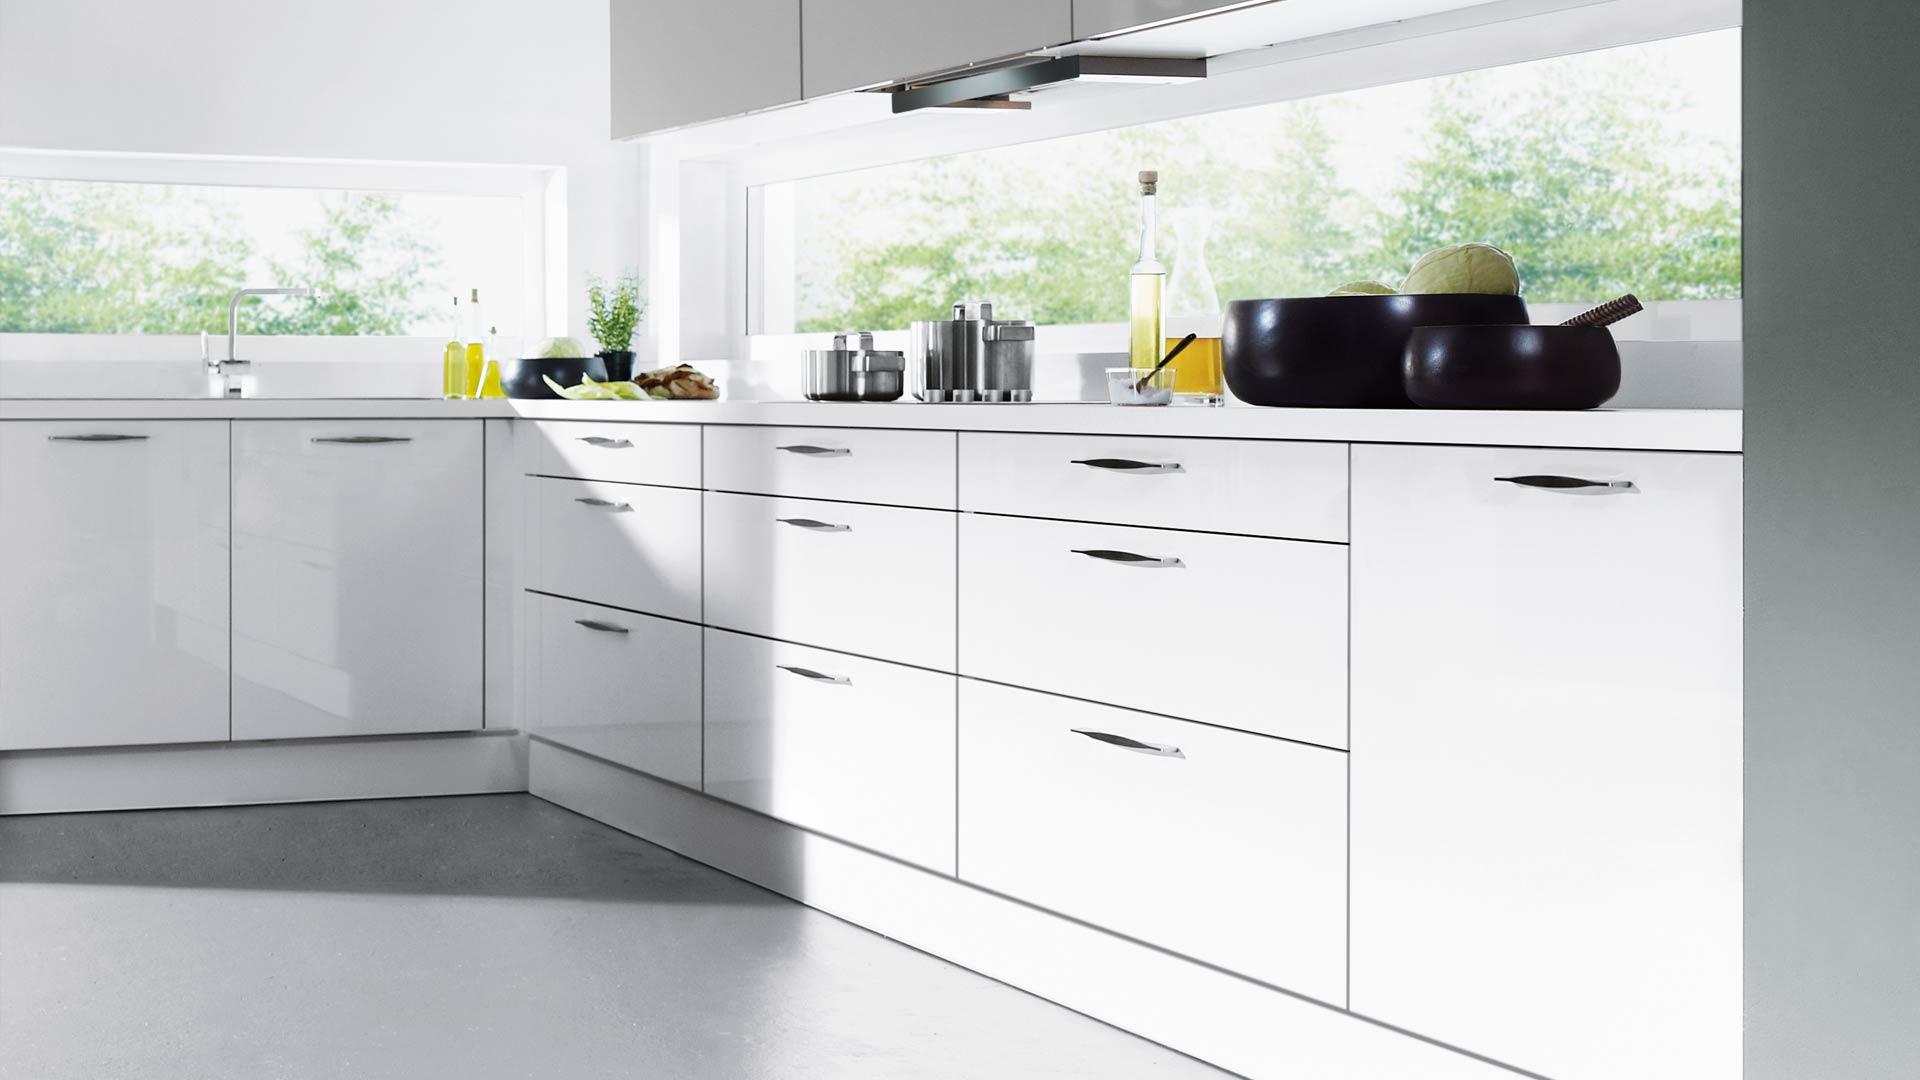 Contur Küchen:56.100 in Garbsen nahe Hannover - MÖBEL HESSE ...